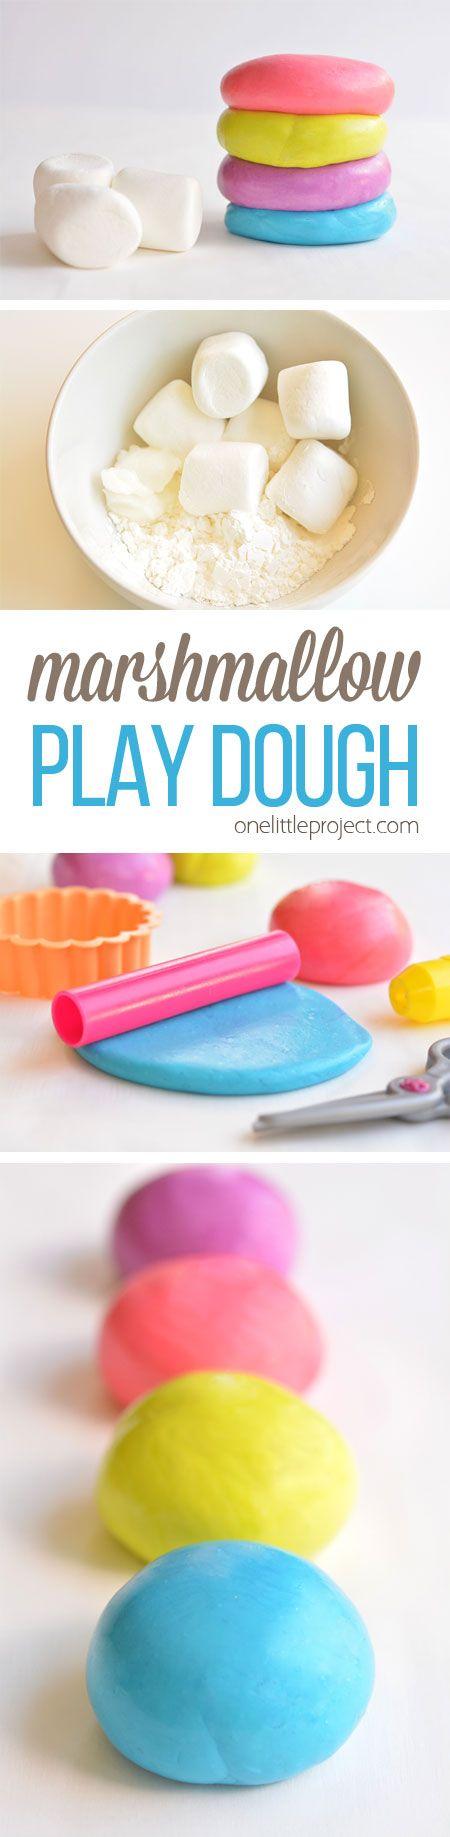 how to make play dough recipe